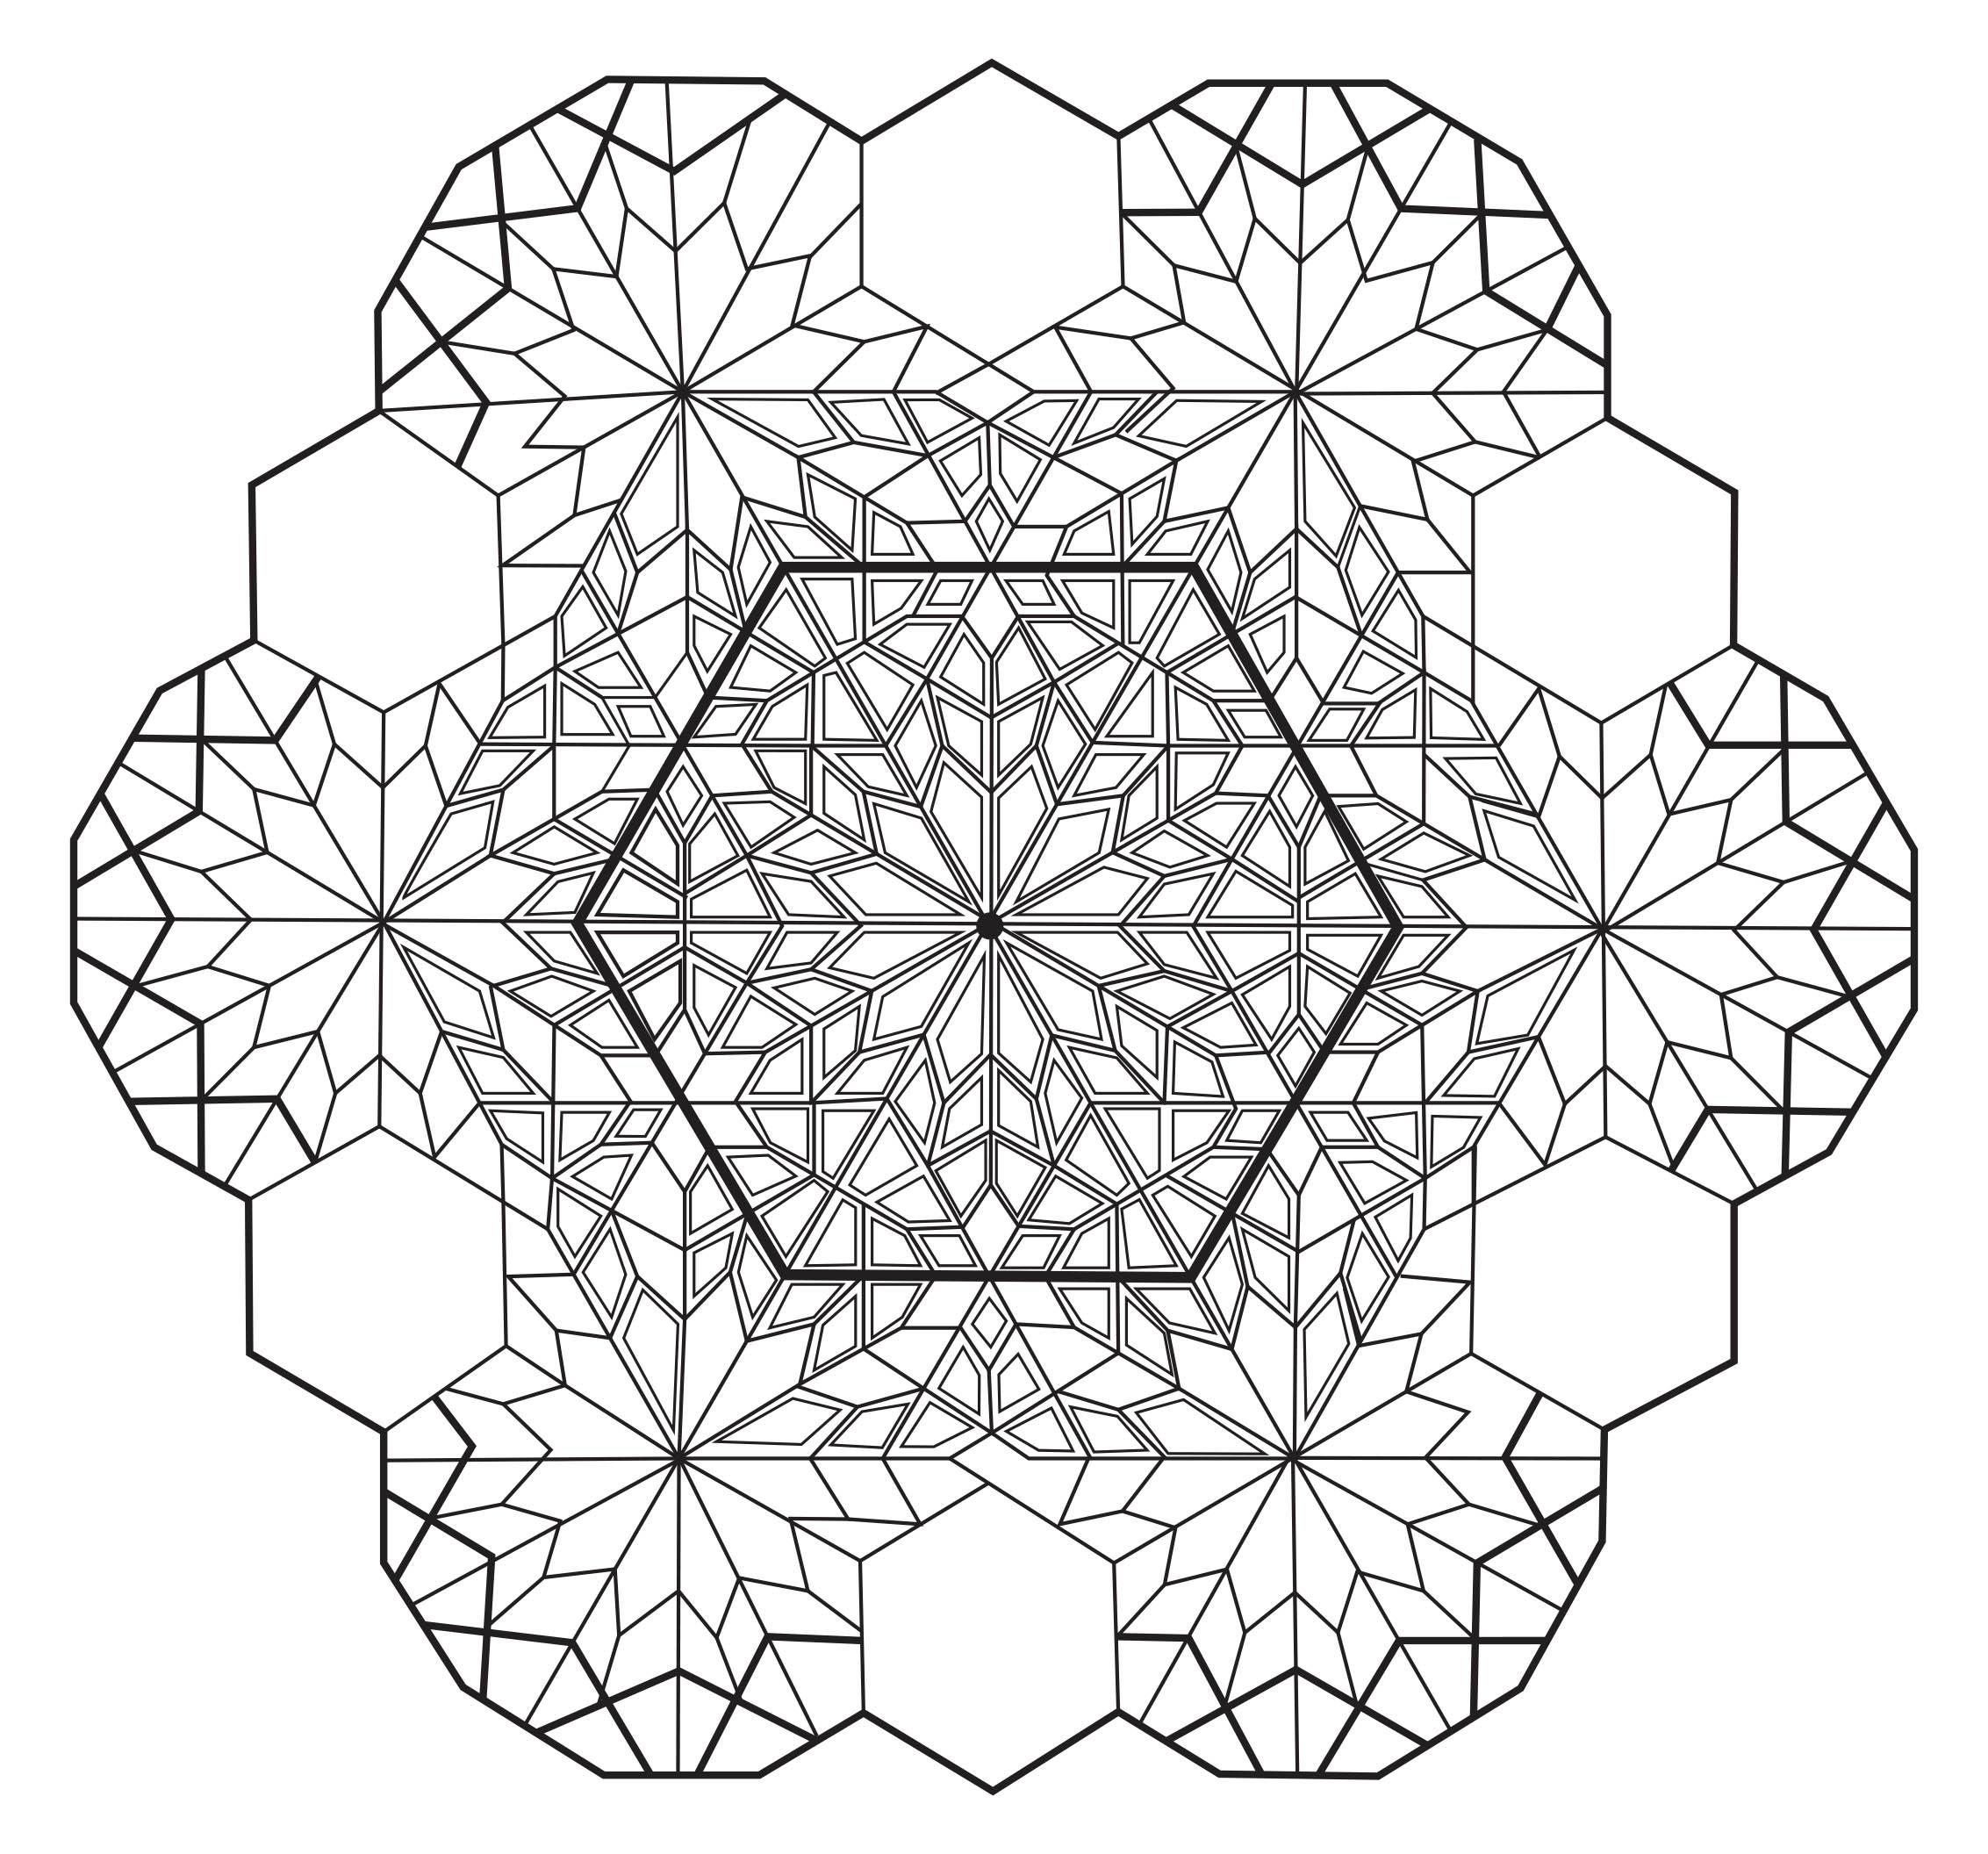 Coloriage Zen Difficile.Mandala Hexagone Mandalas Difficiles Pour Adultes 100